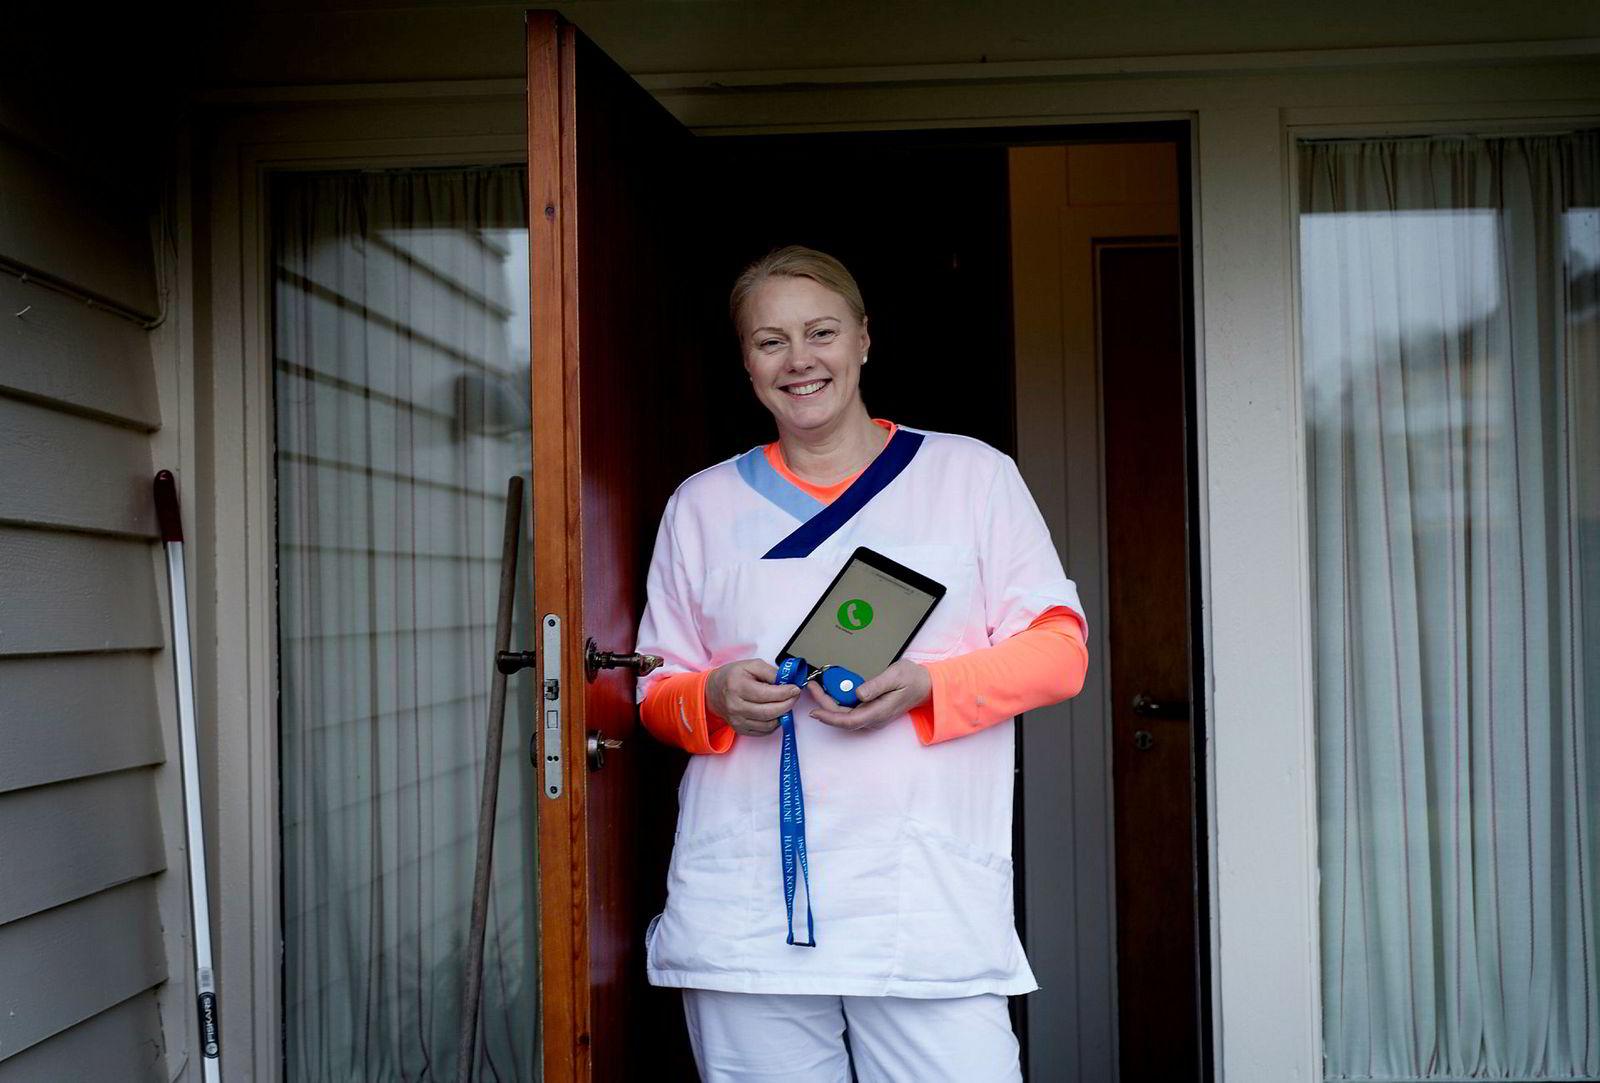 Gro Noomi Guldbrandsen i hjemmetjenesten med utstyret som utgjør Virtuell Korttidsavdeling i kommunen.